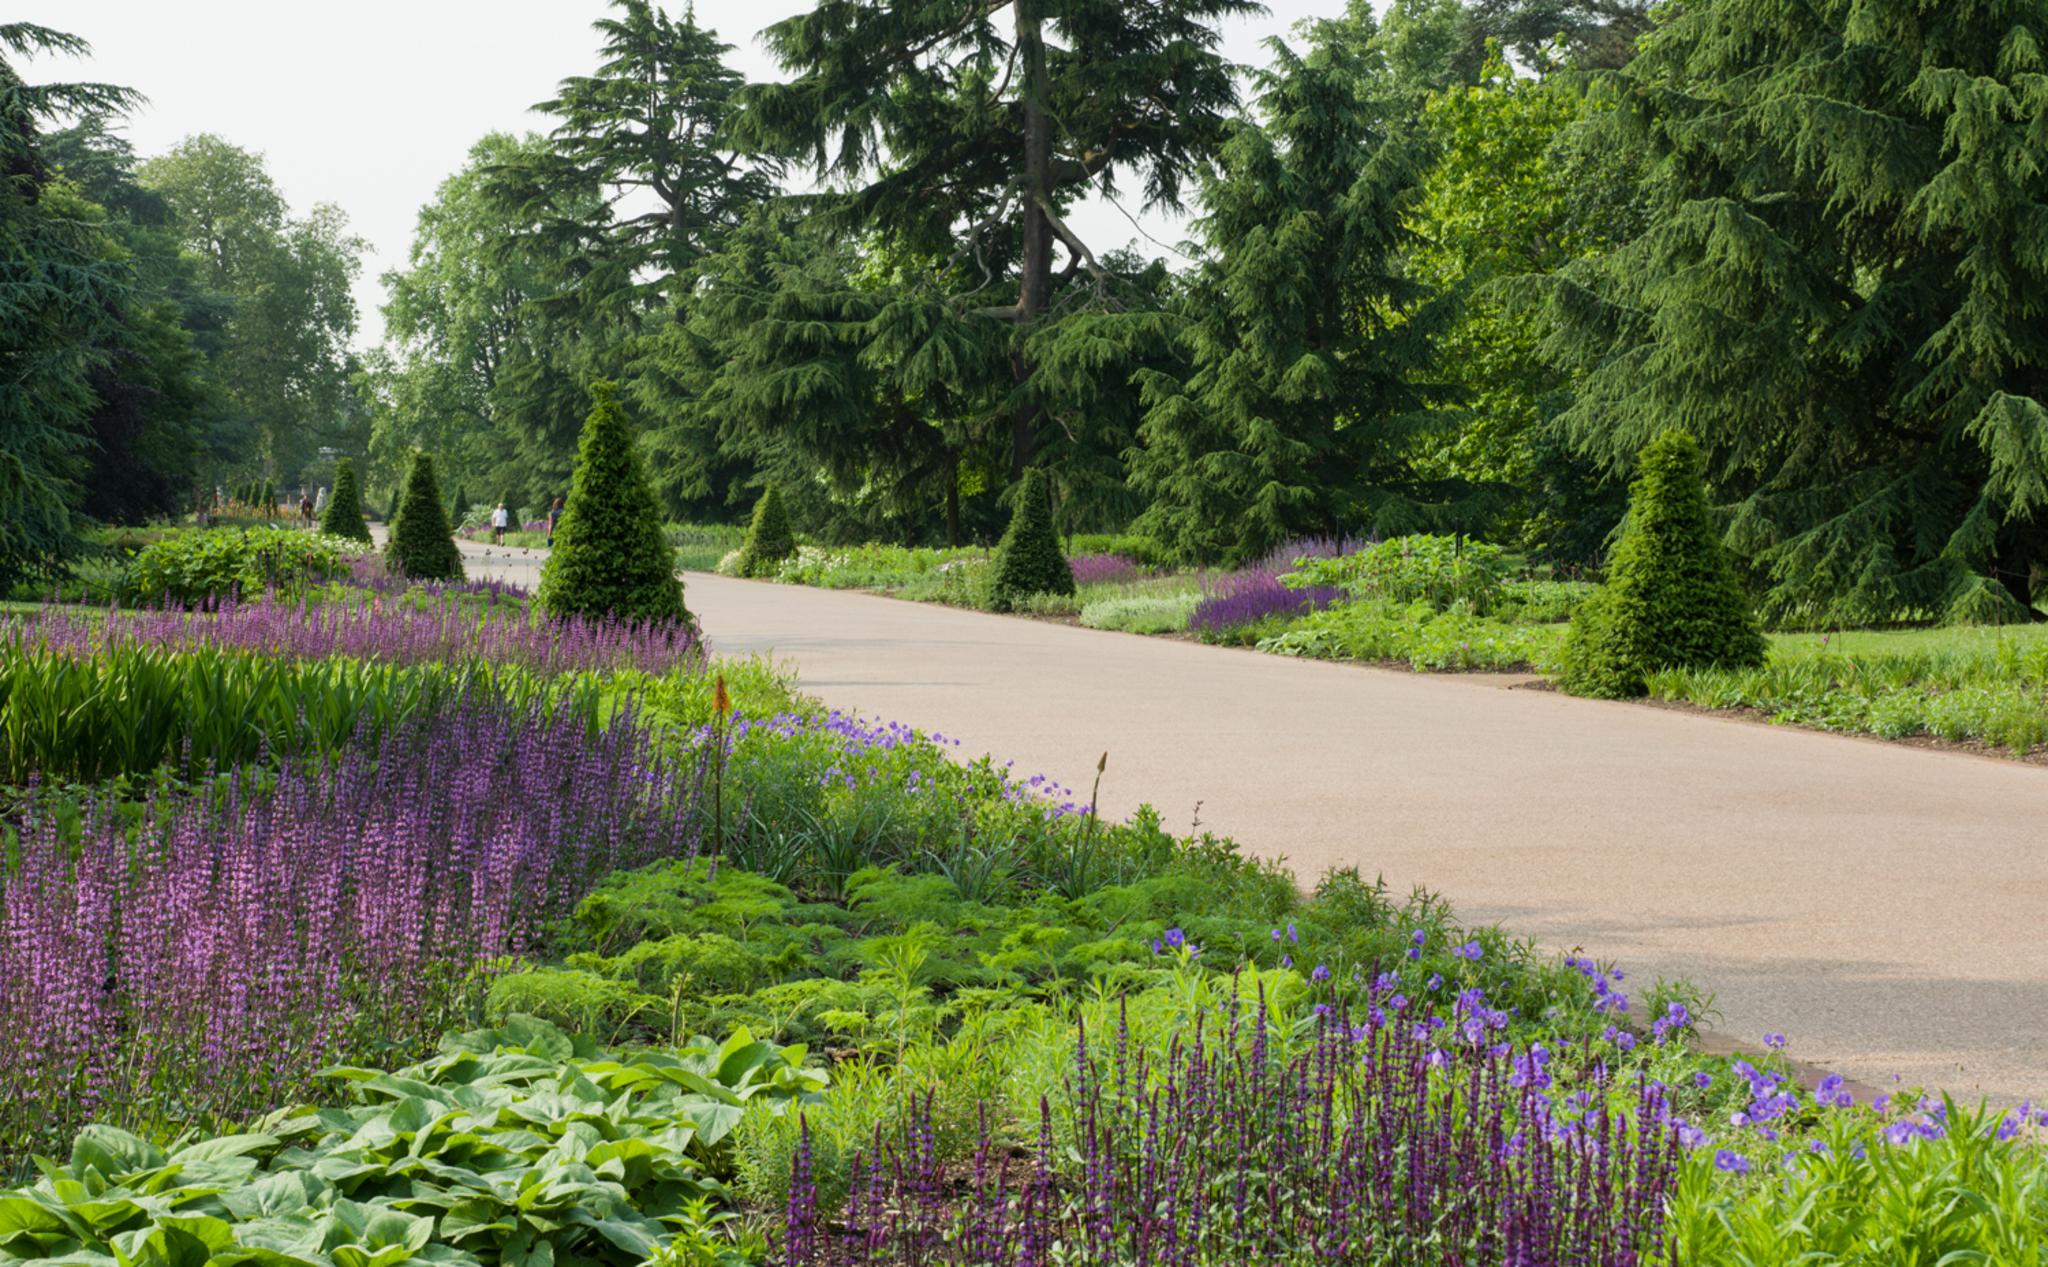 Dzięki żyjącym w Kew Gardens kolekcjom roślin i grzybów jest to najbardziej bioróżnorodny obszar na naszej planecie. (Fot. materiały prasowe)